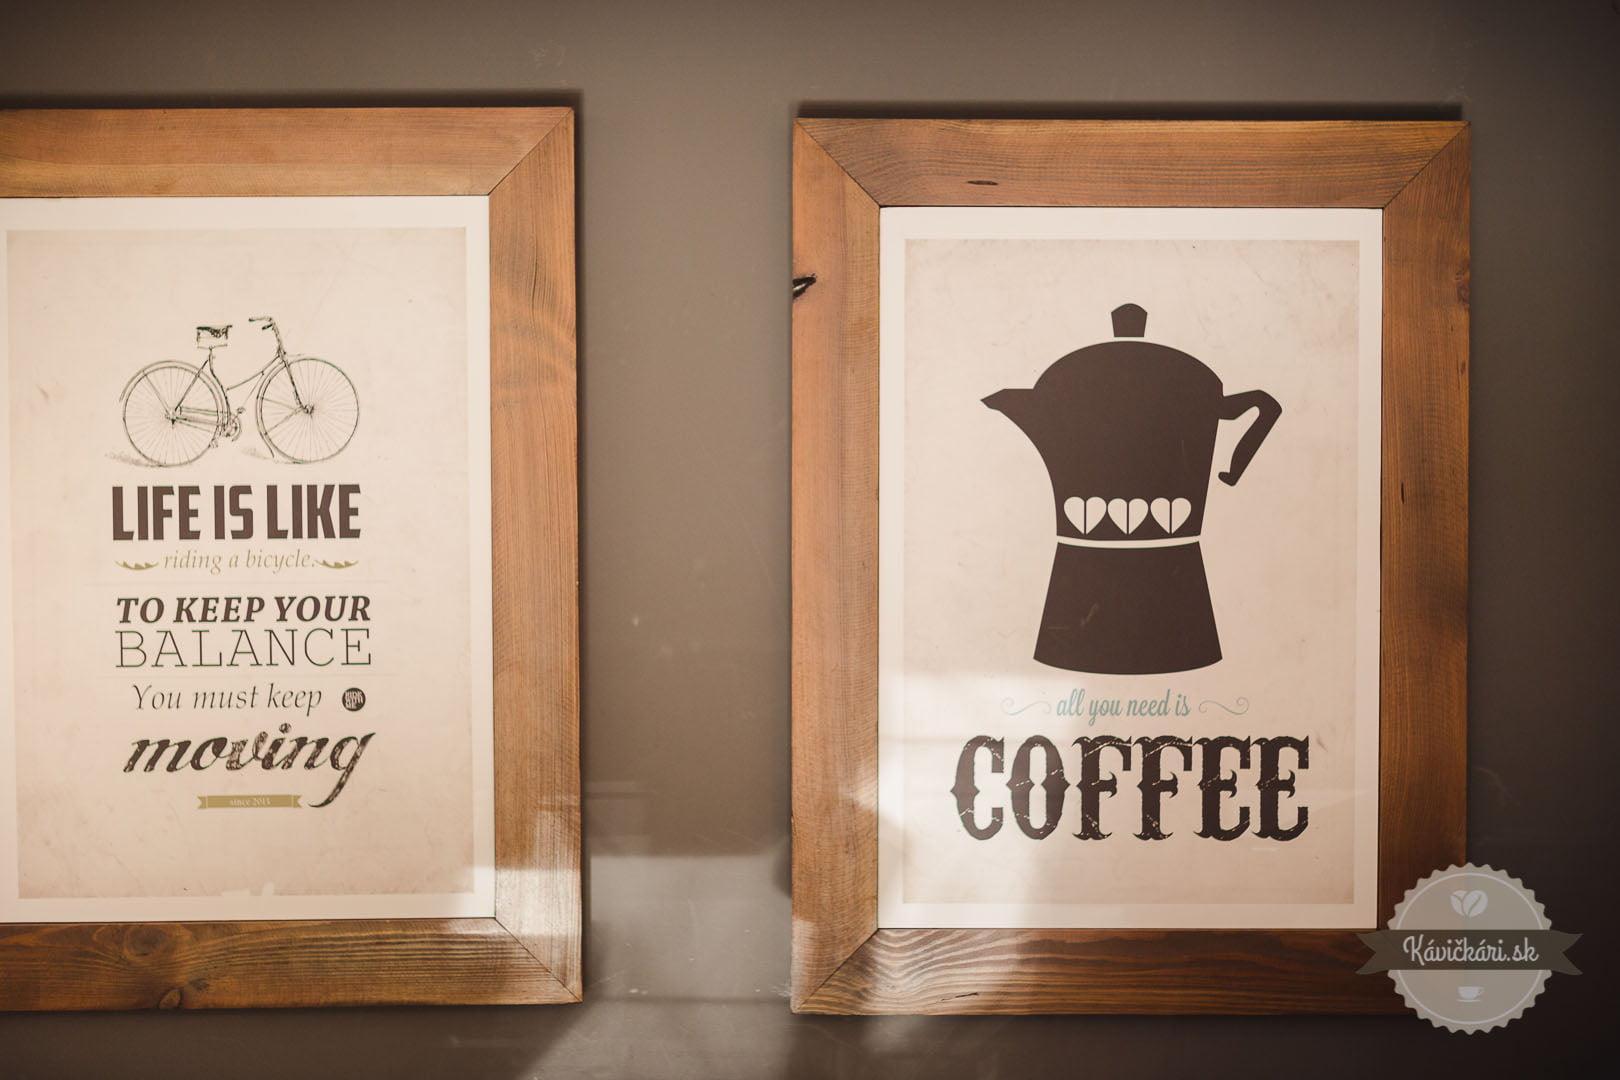 káva v nico caffé